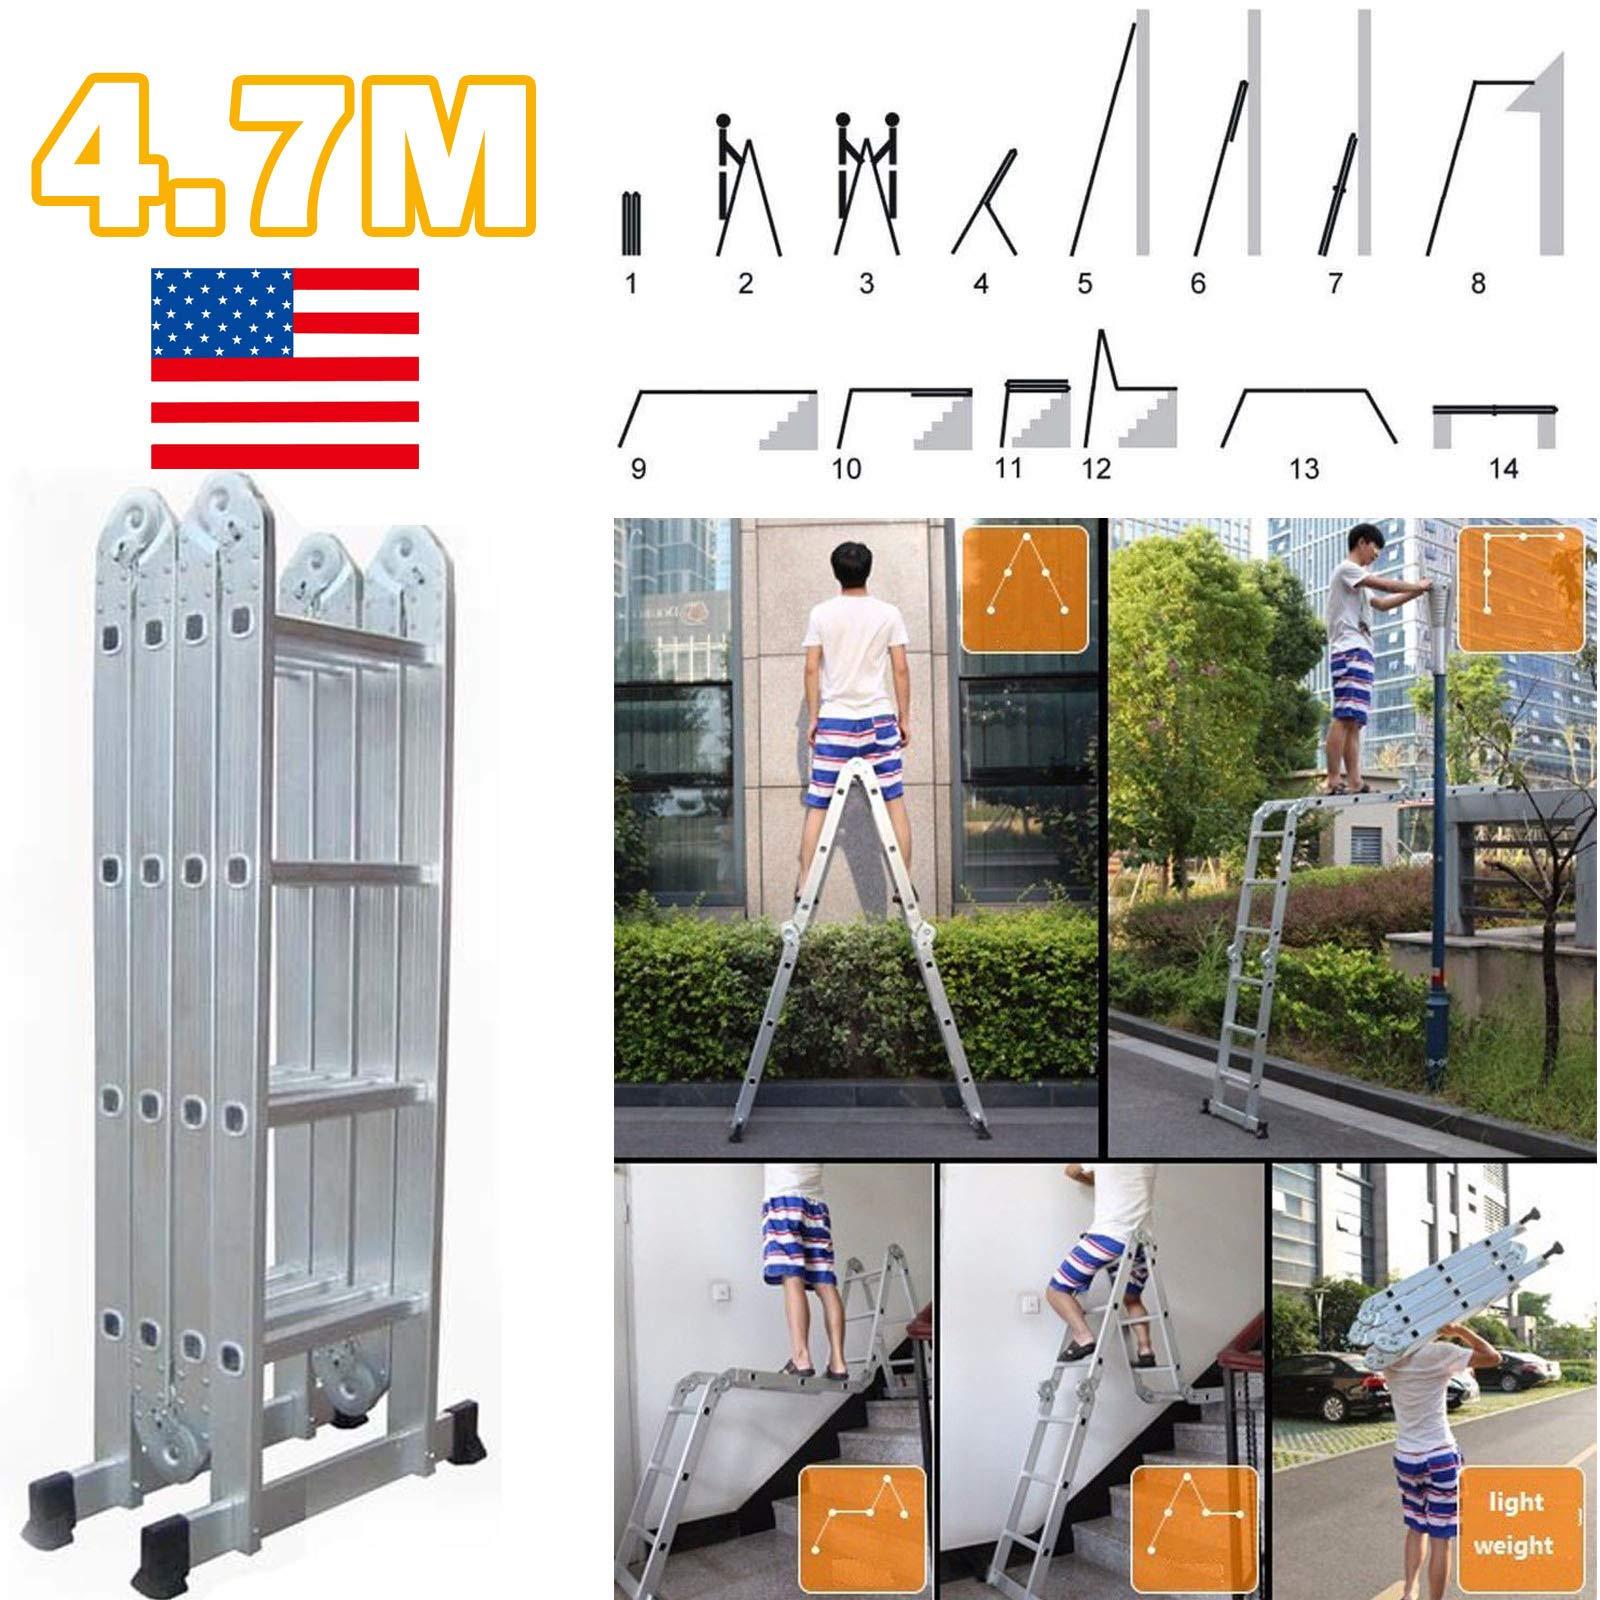 Huni - Escalera Plegable de 4,7 m 14 en 1, Multiusos, multiposición, extensión, con Plataforma Estable, Antideslizante, Carga máxima de 150 kg (330 Libras) para Uso en Interiores y Exteriores: Amazon.es: Coche y moto